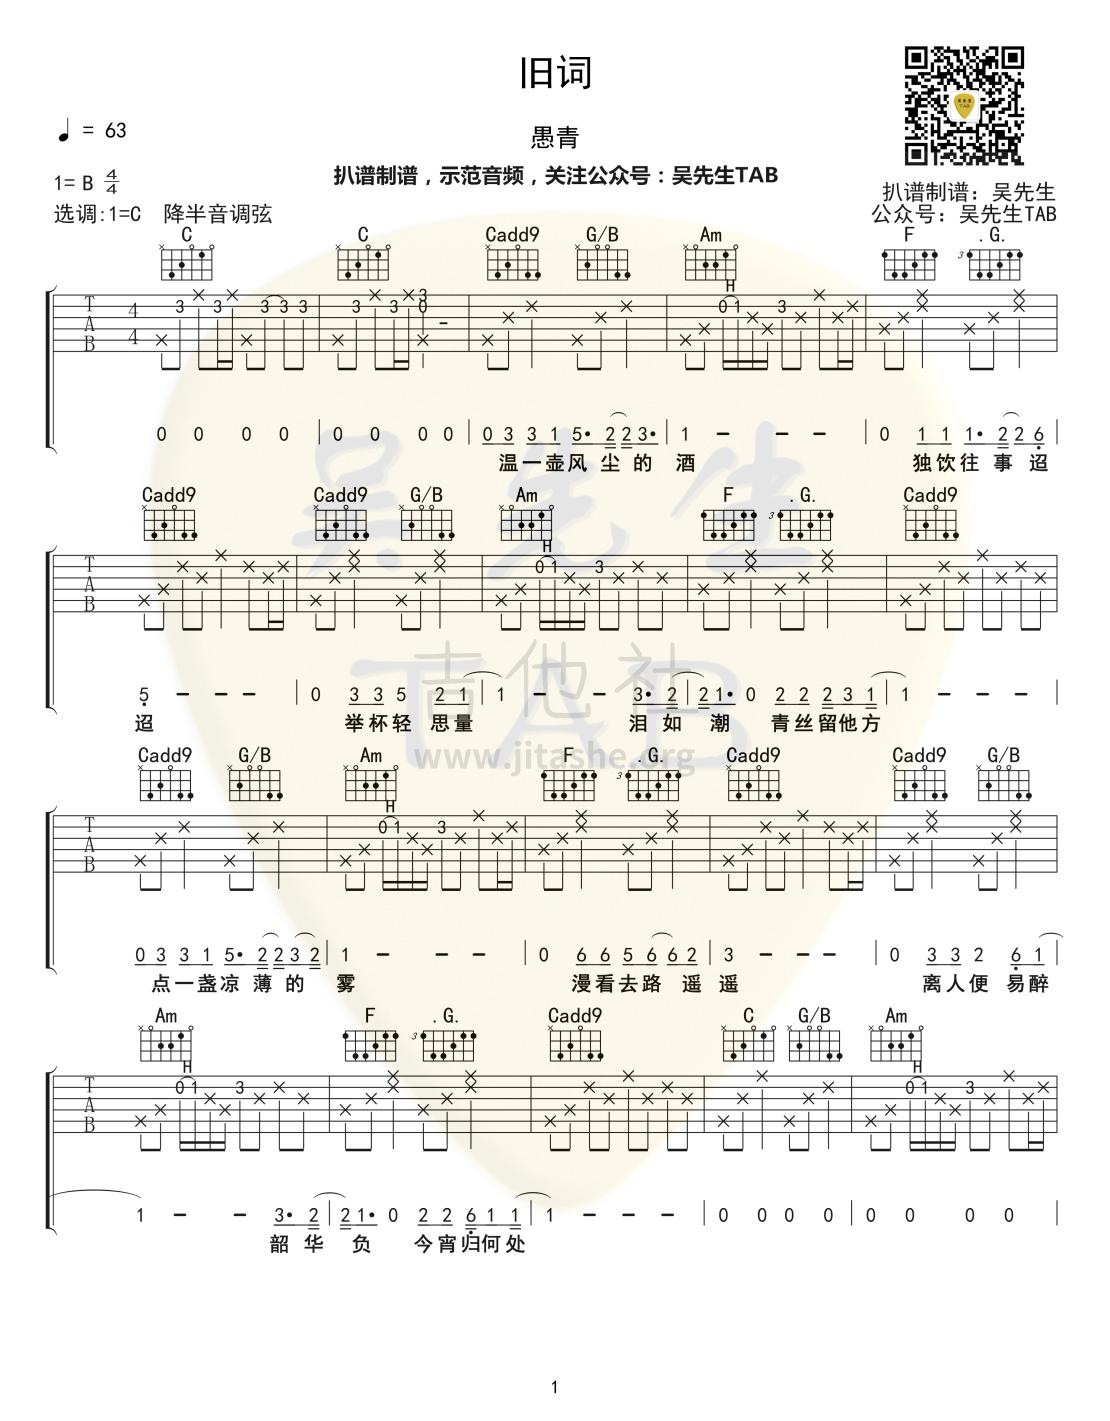 旧词吉他谱(图片谱,弹唱)_愚青_旧词001.png